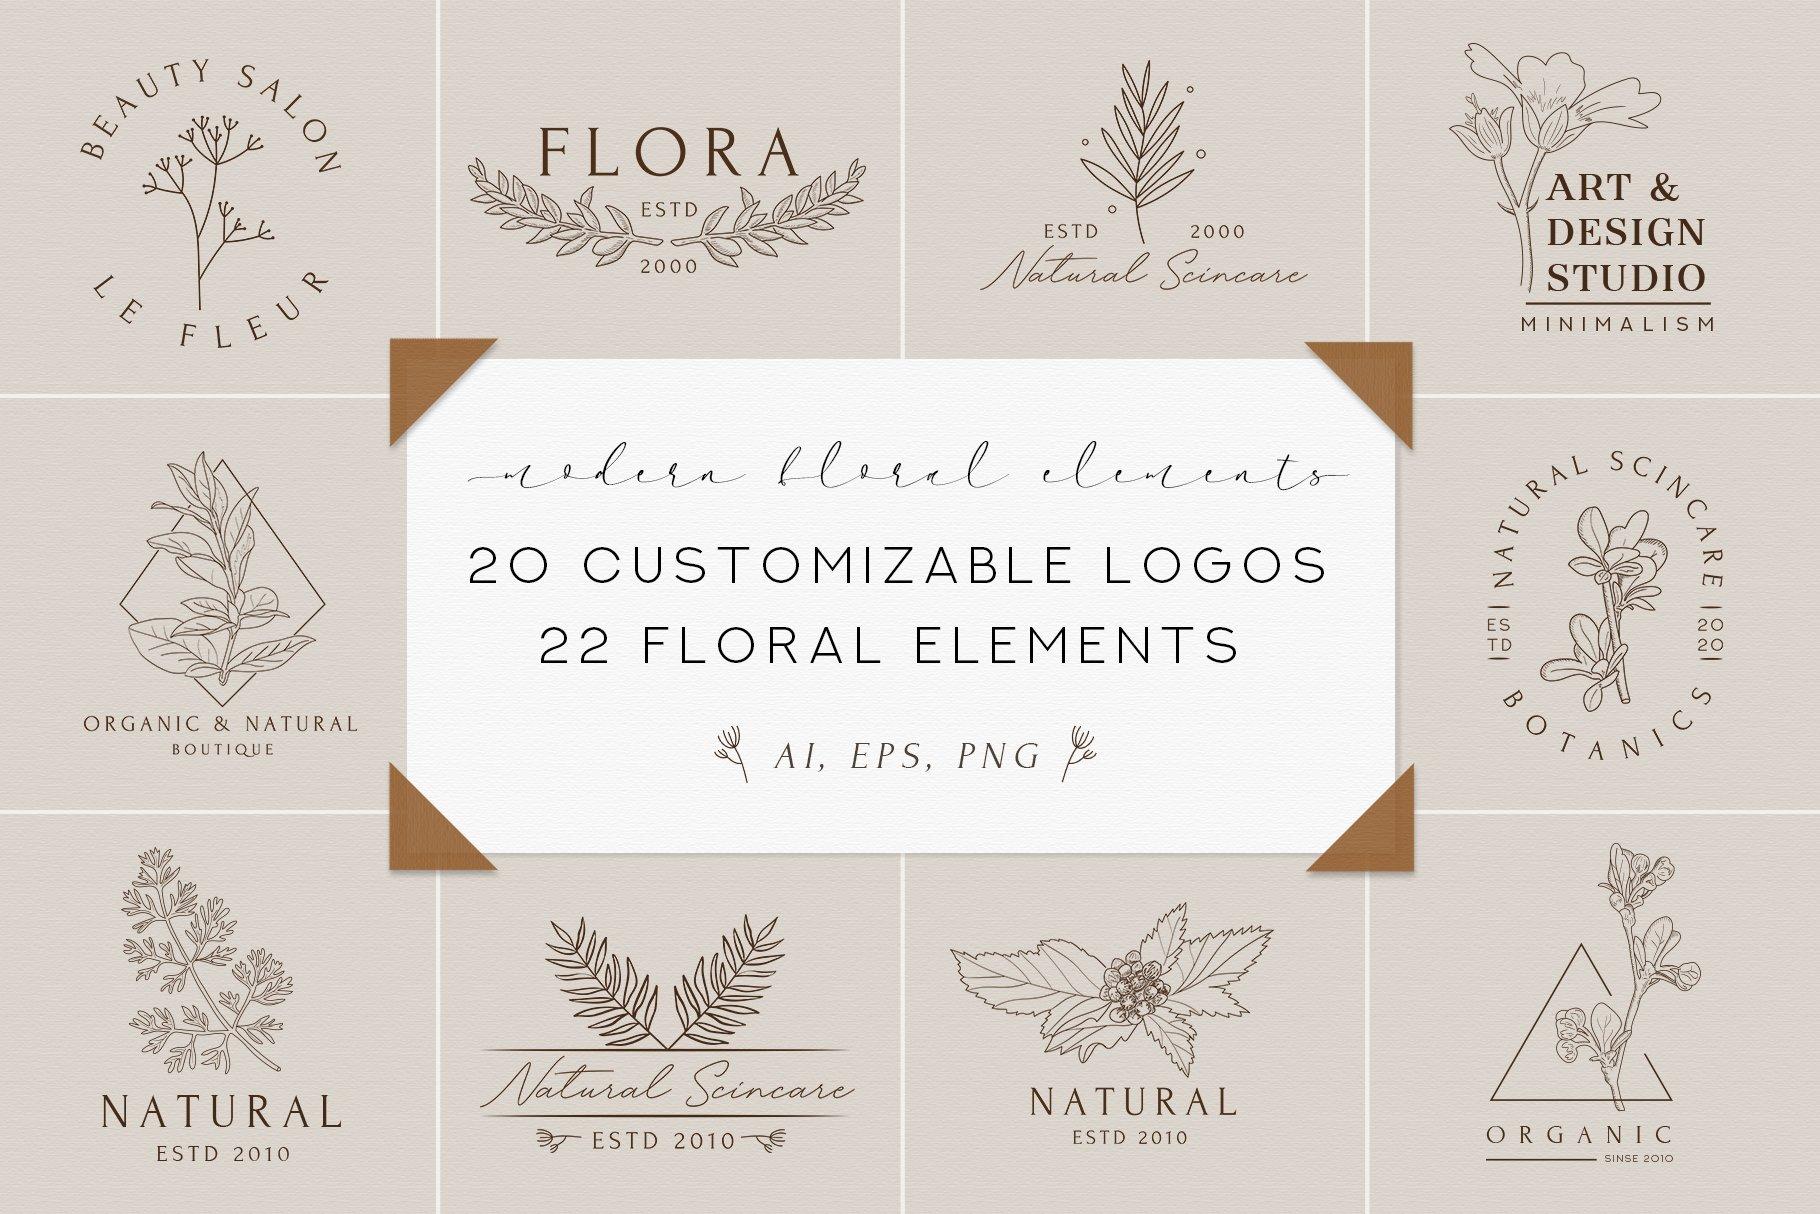 精美植物徽标标志设计AI矢量模板素材 BotanicalLogos & Illustrations插图